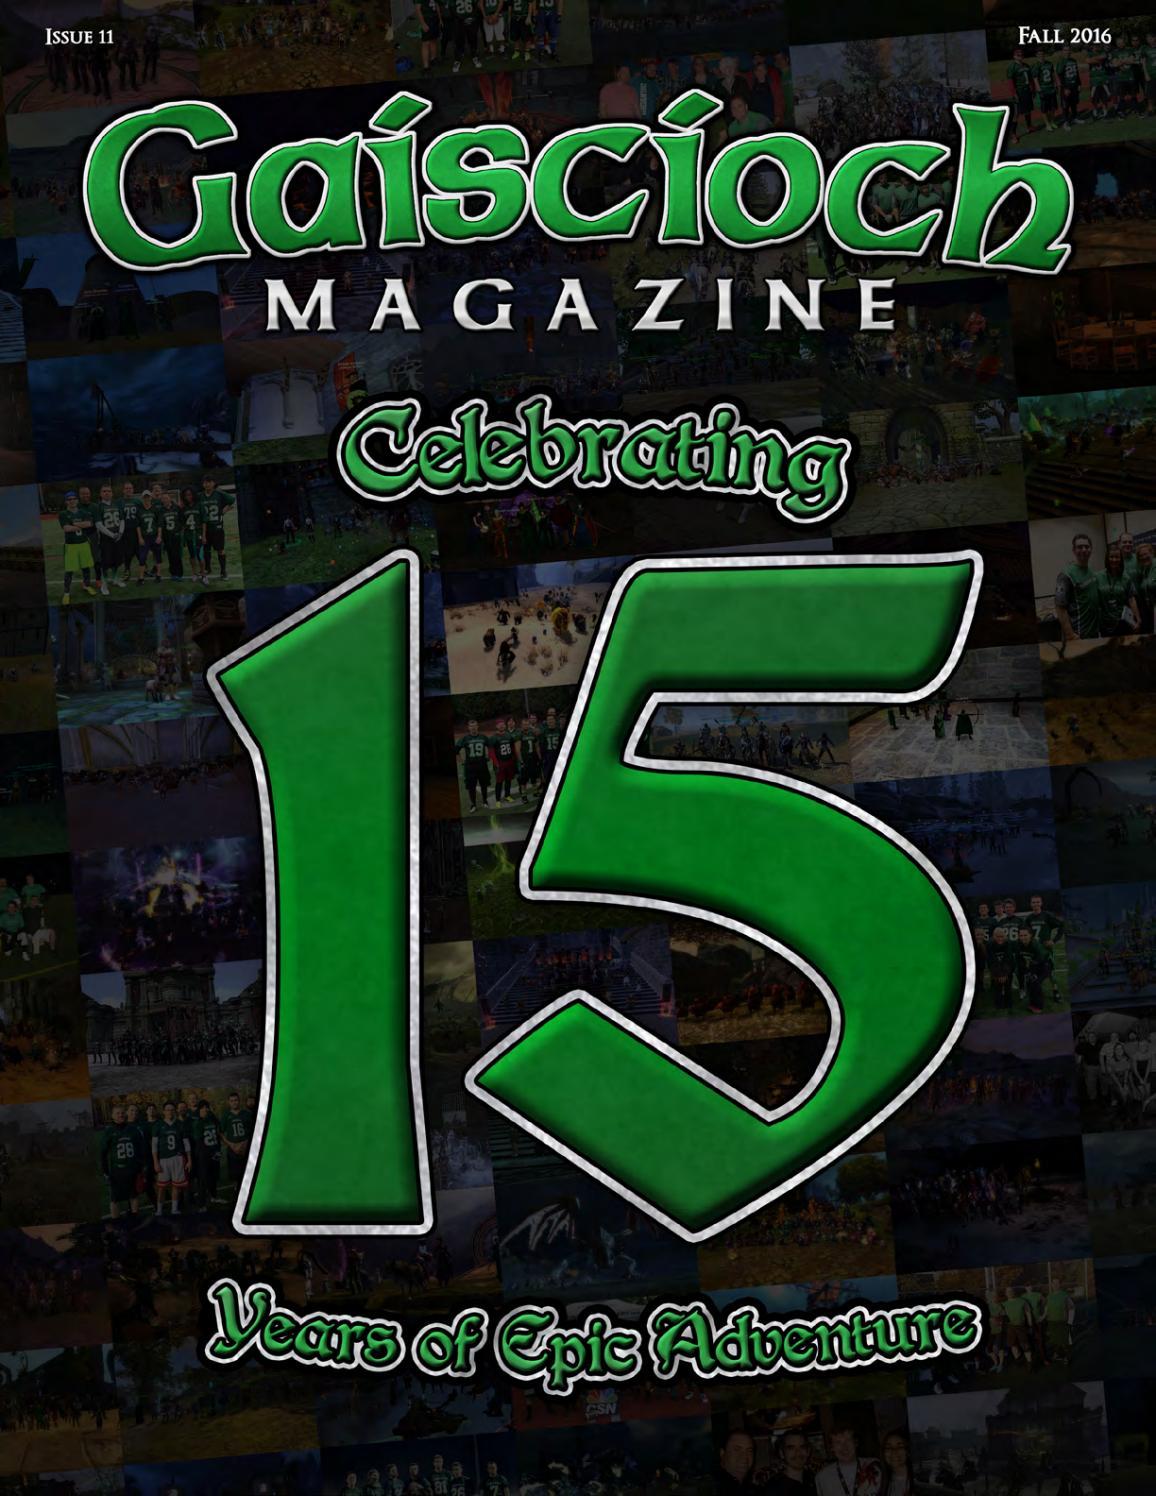 Gaiscioch Magazine - Issue 11 by Gaiscioch Magazine - issuu